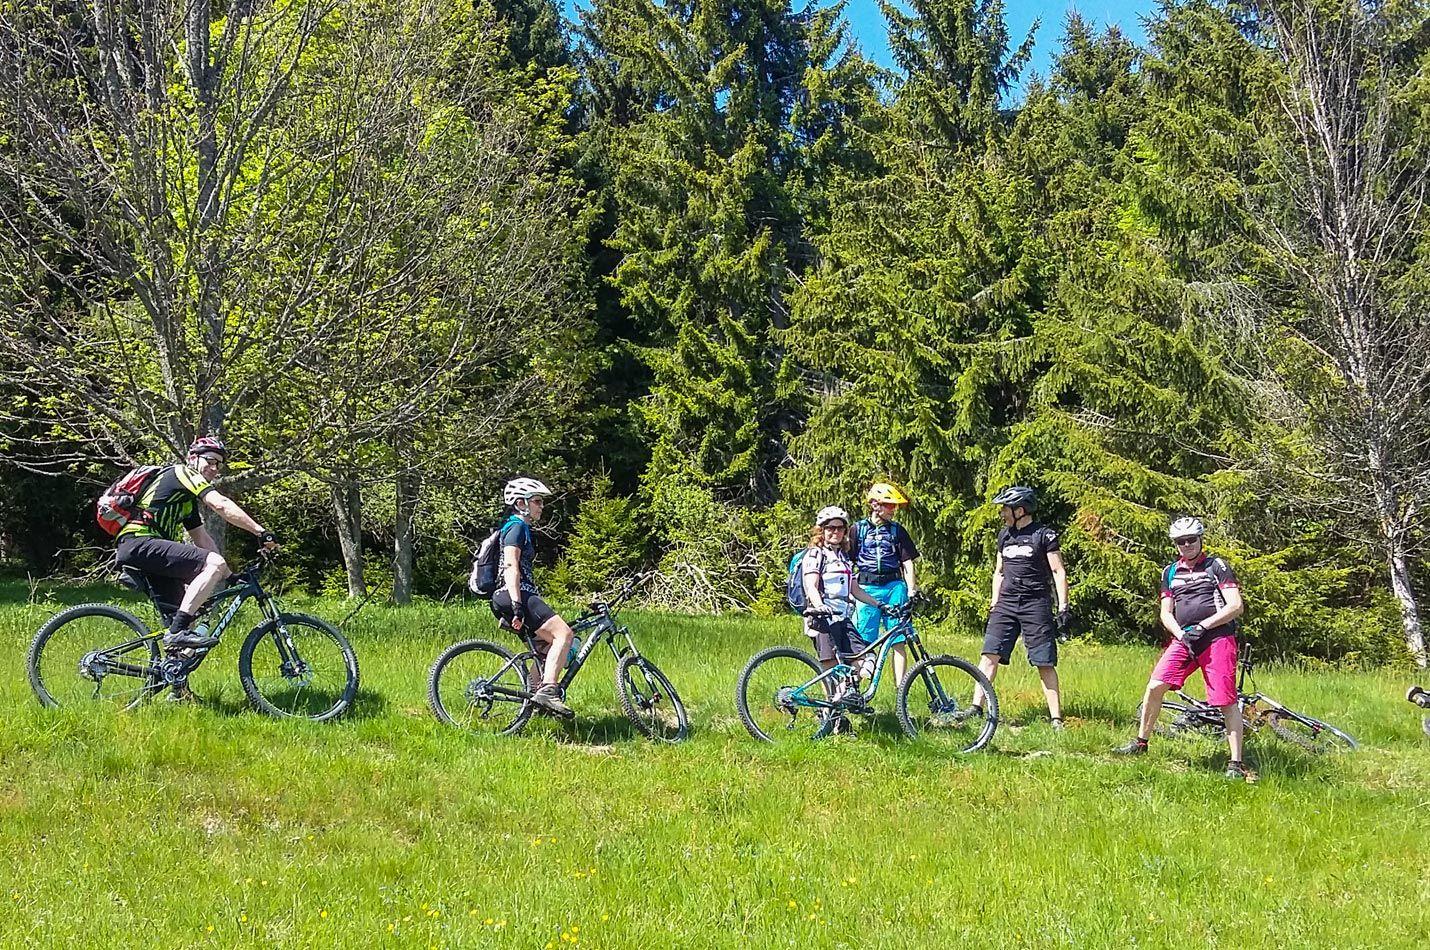 Pfingst Wochenende mit Biker Gruppe auf einer Waldlichtung